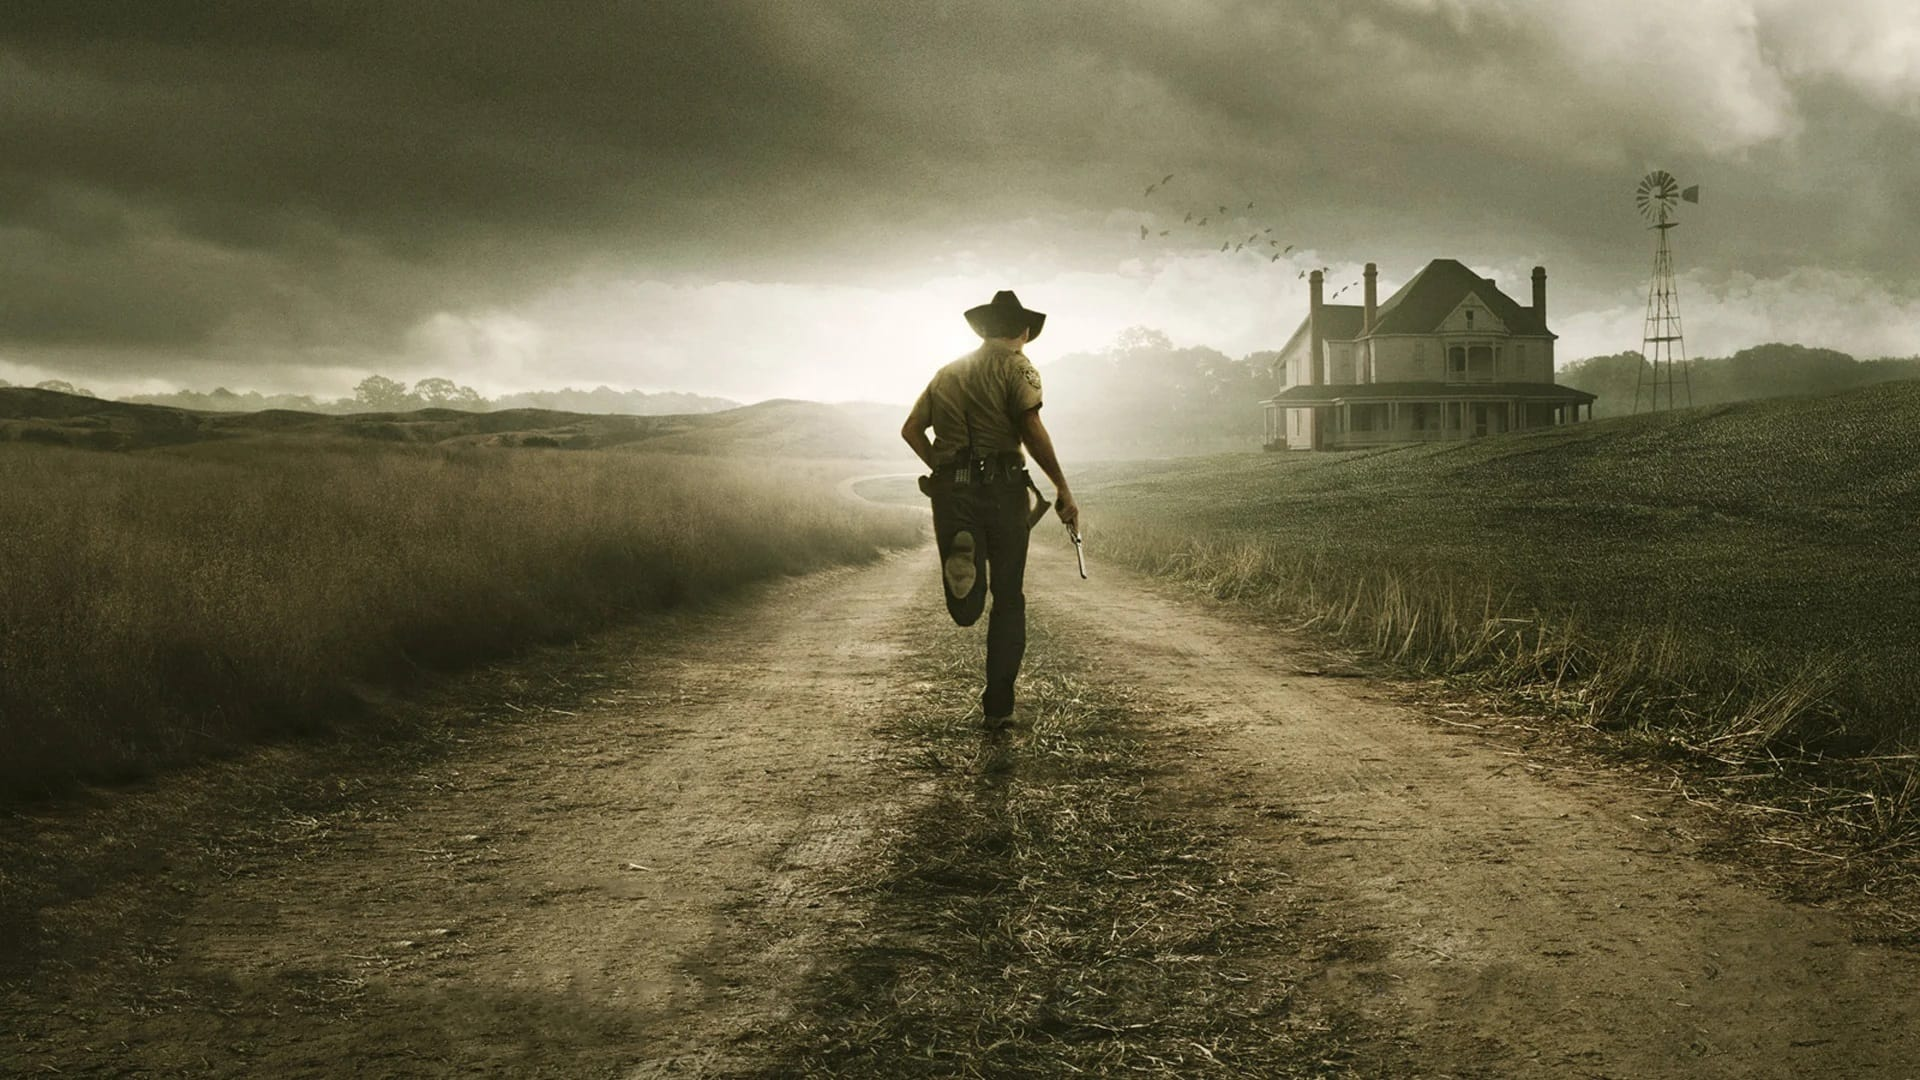 行尸走肉 第二季 The Walking Dead Season 2 (2011) 中文字幕